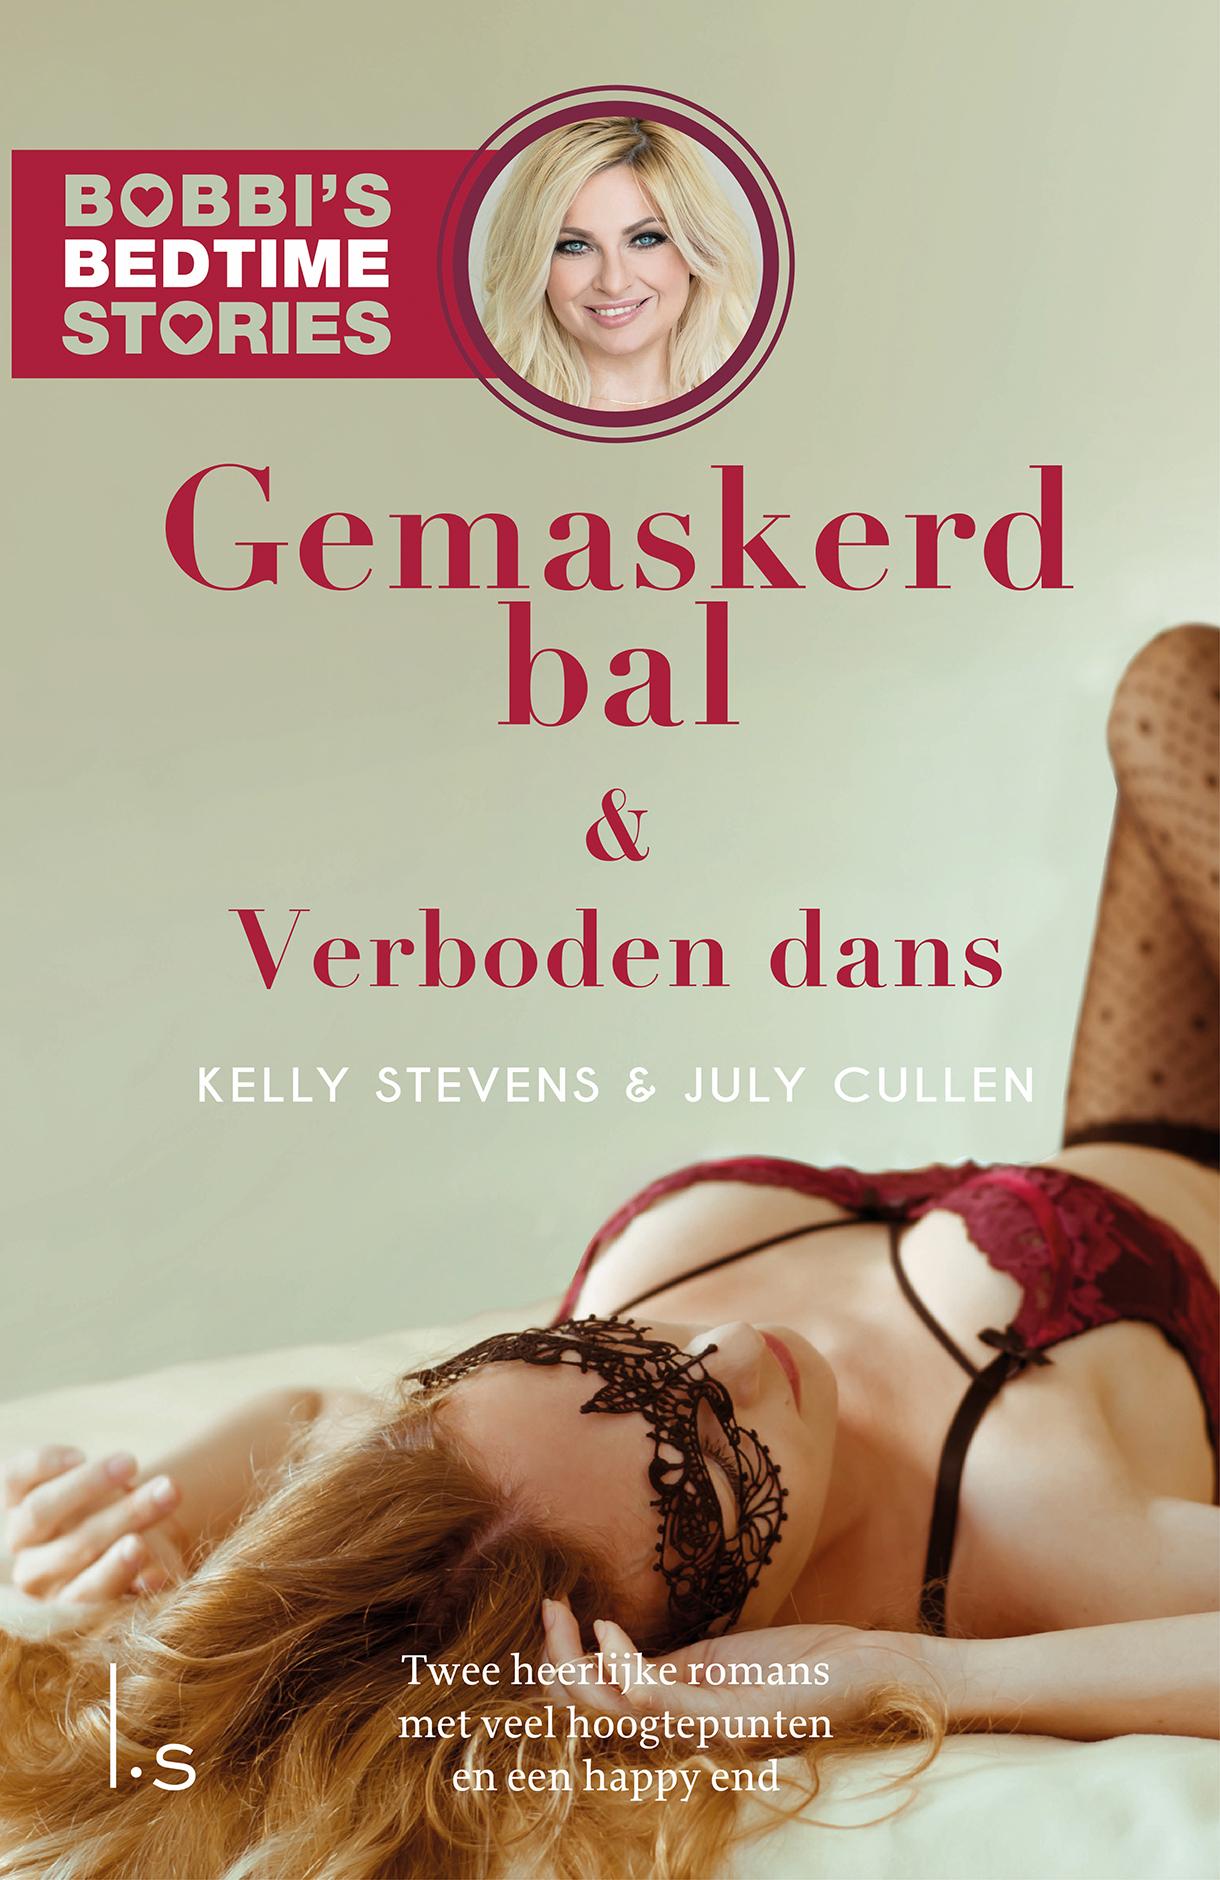 Gemaskerd bal & Verboden dans - Bobbi